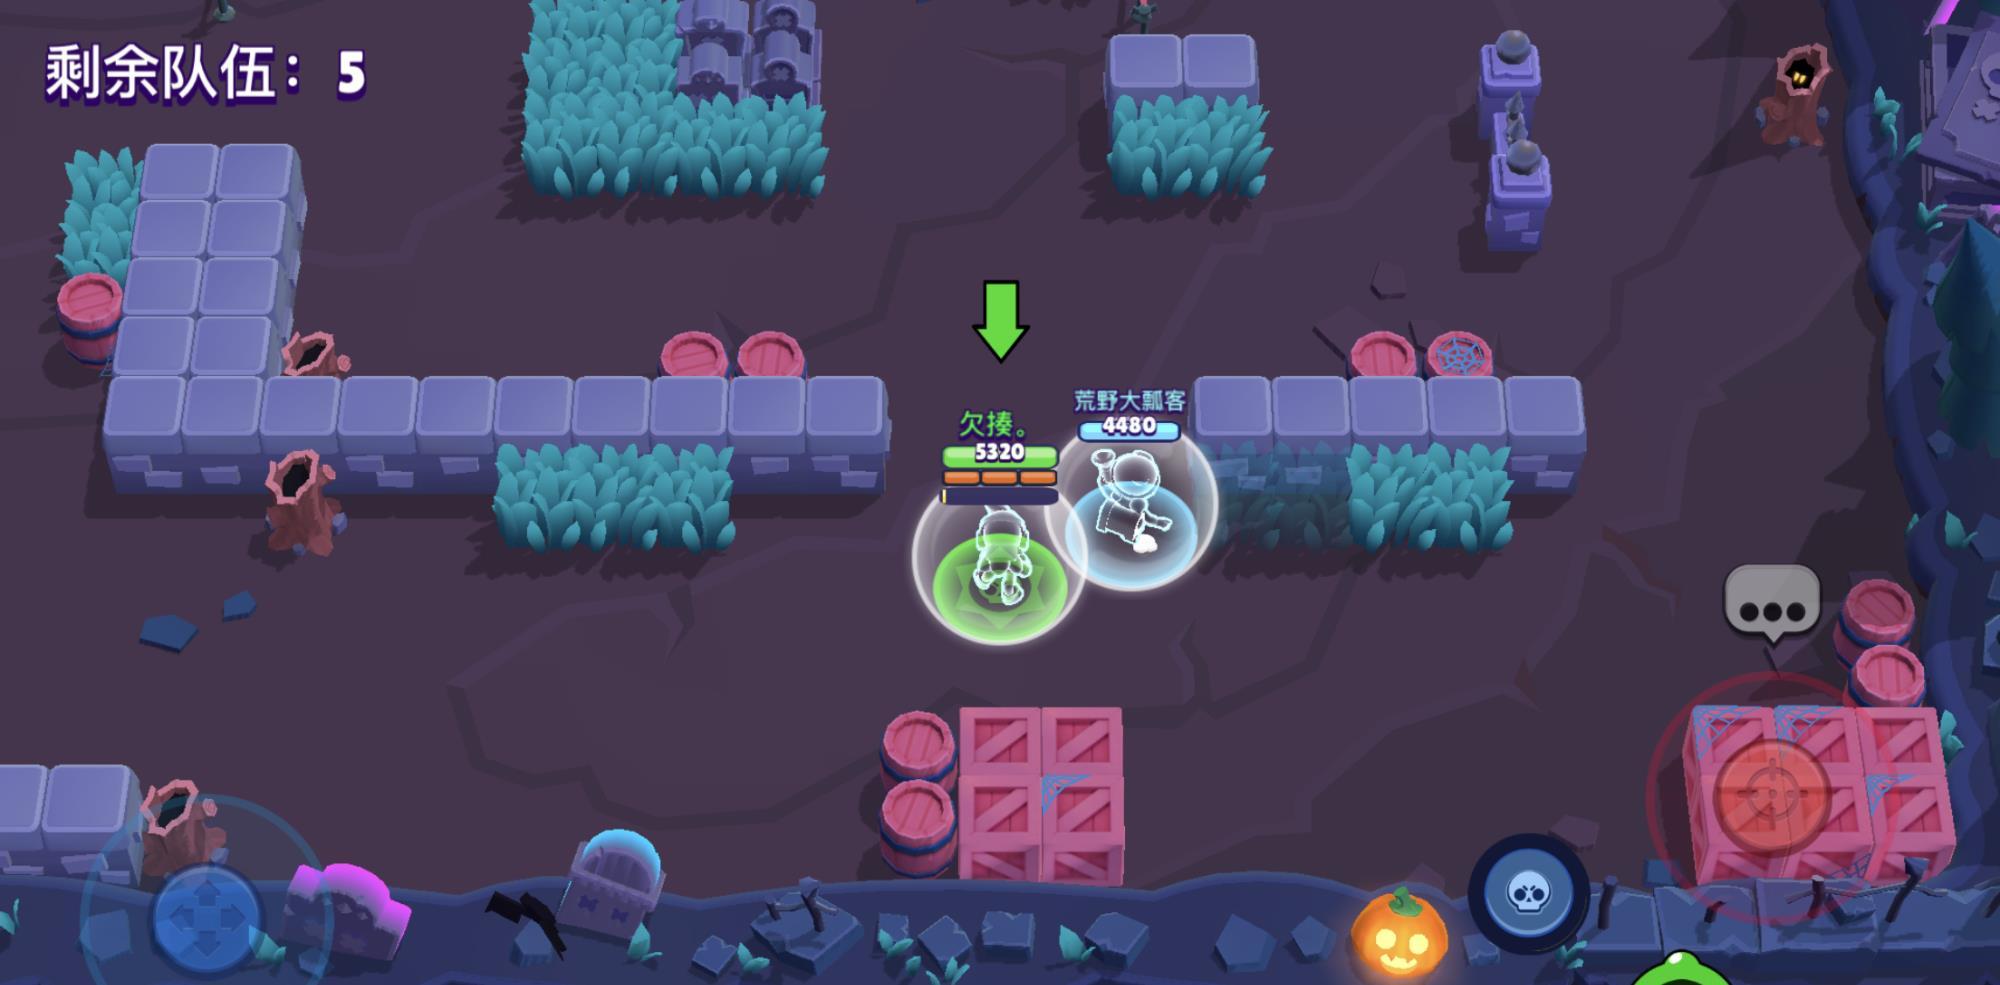 天河传说支线_《荒野乱斗》透明英雄格外有趣,暗夜夺魄模式让玩家新鲜感倍增